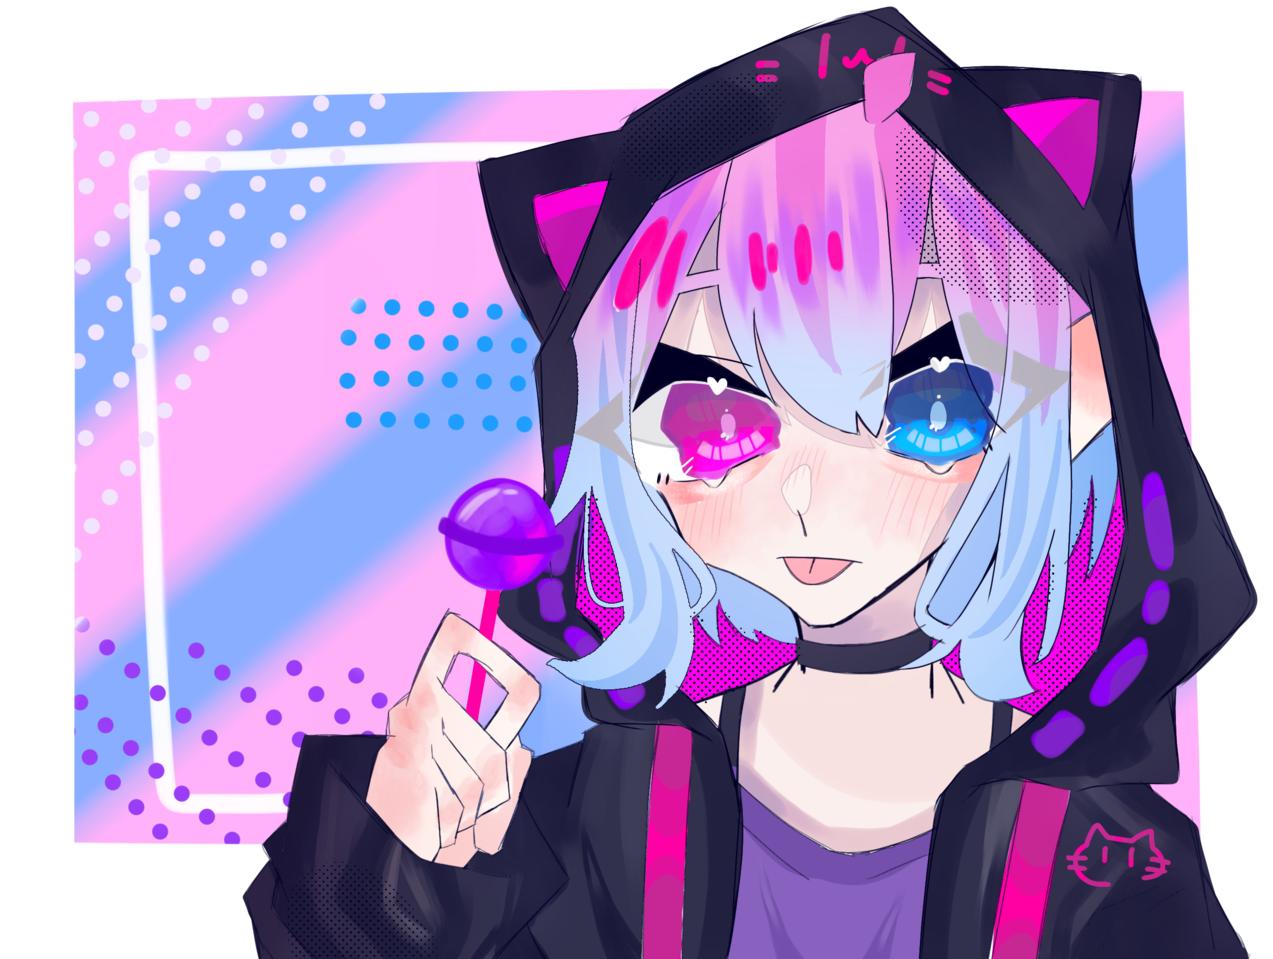 じゃじゃーん!! Illust of はんぺん 代理 girl めだまやき digital